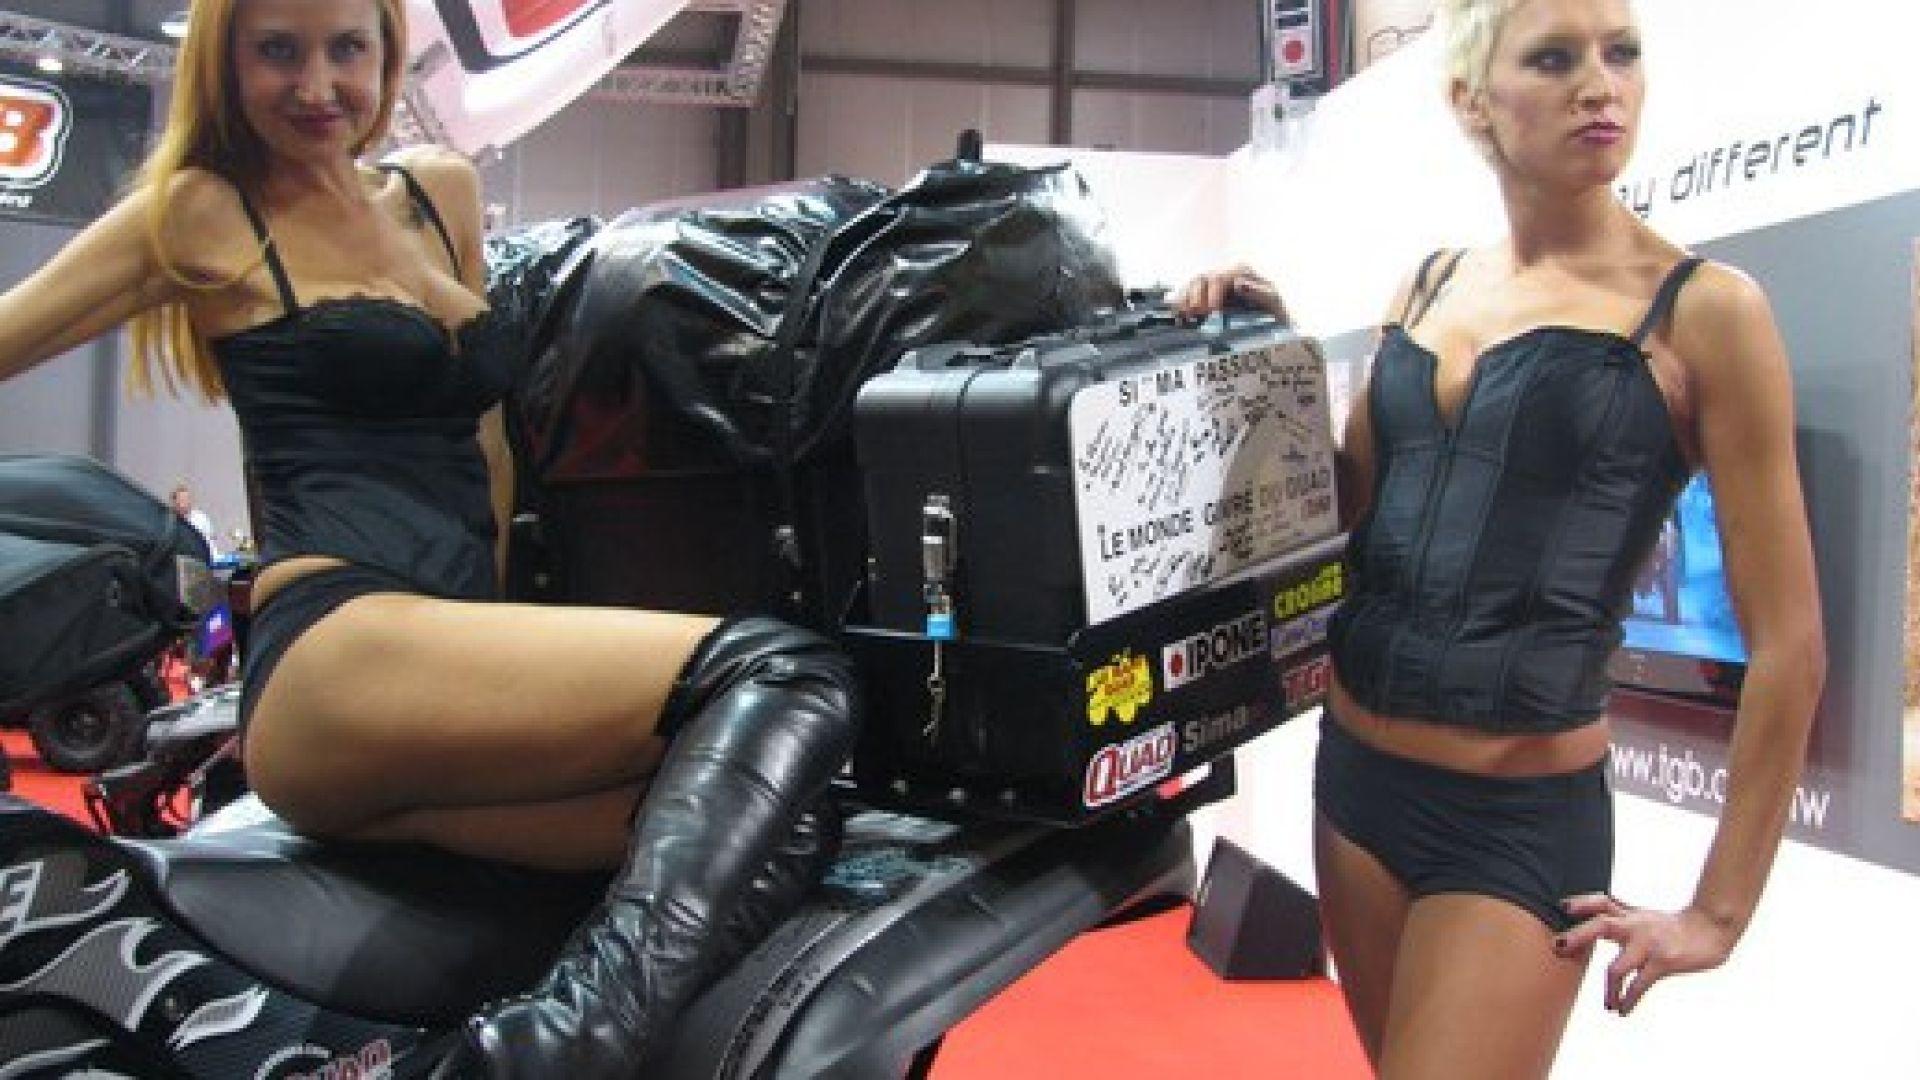 Immagine 36: Le ragazze degli stand